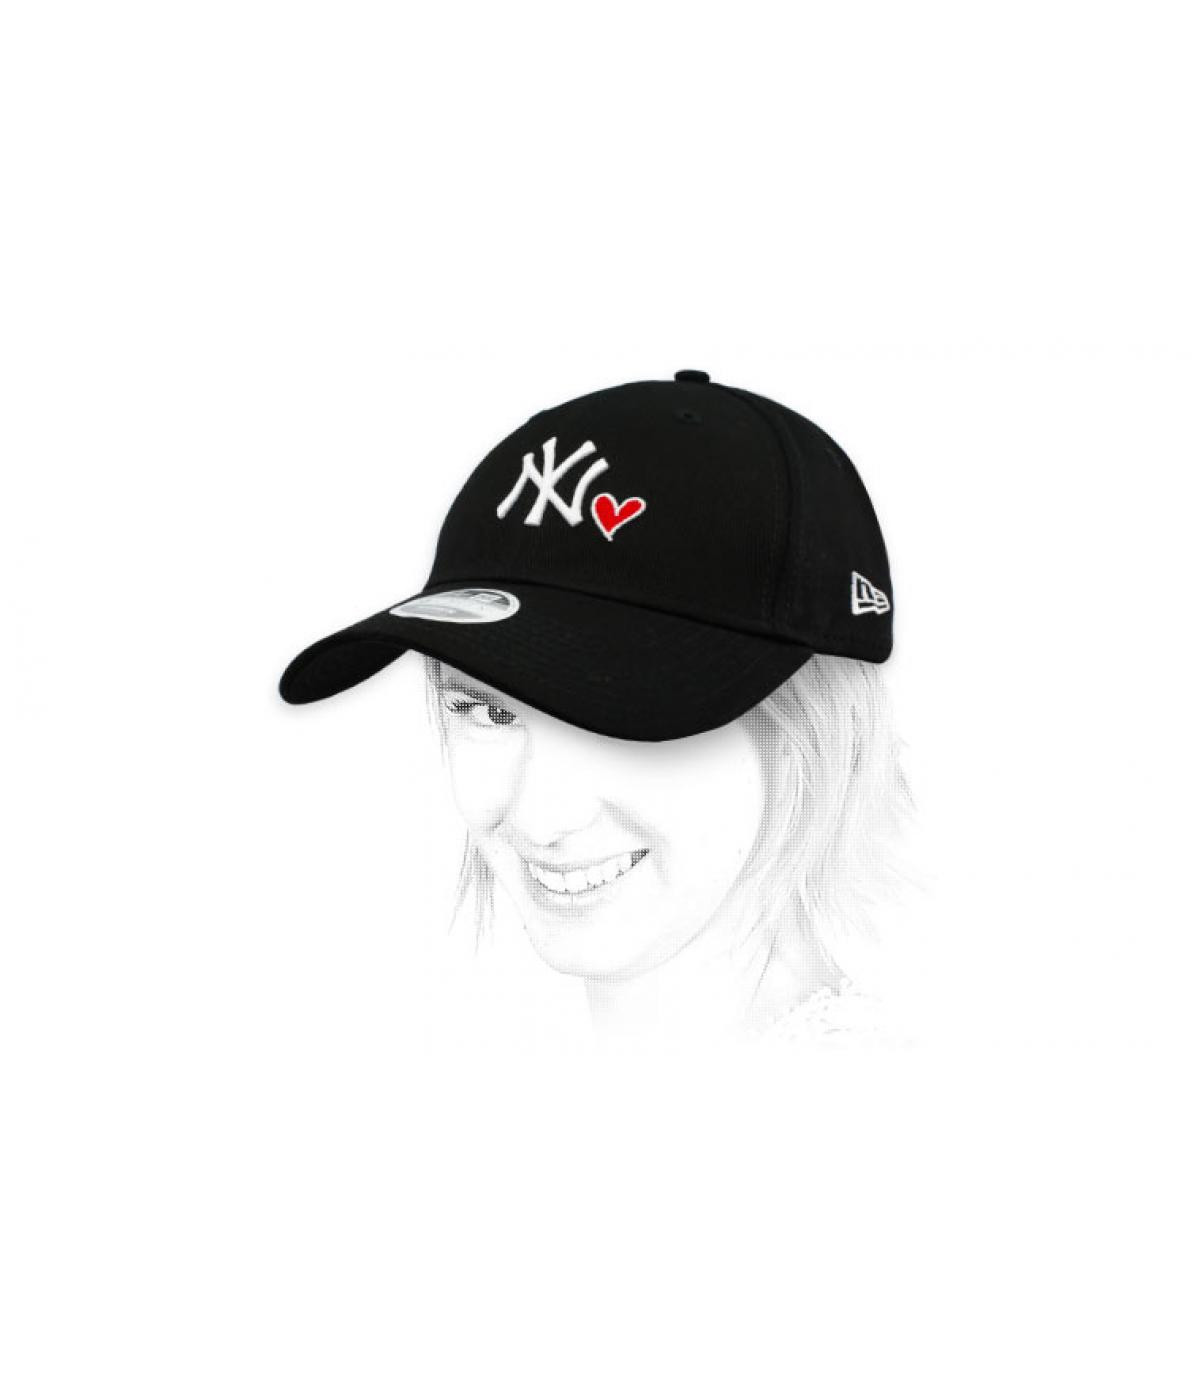 women black NY heart cap